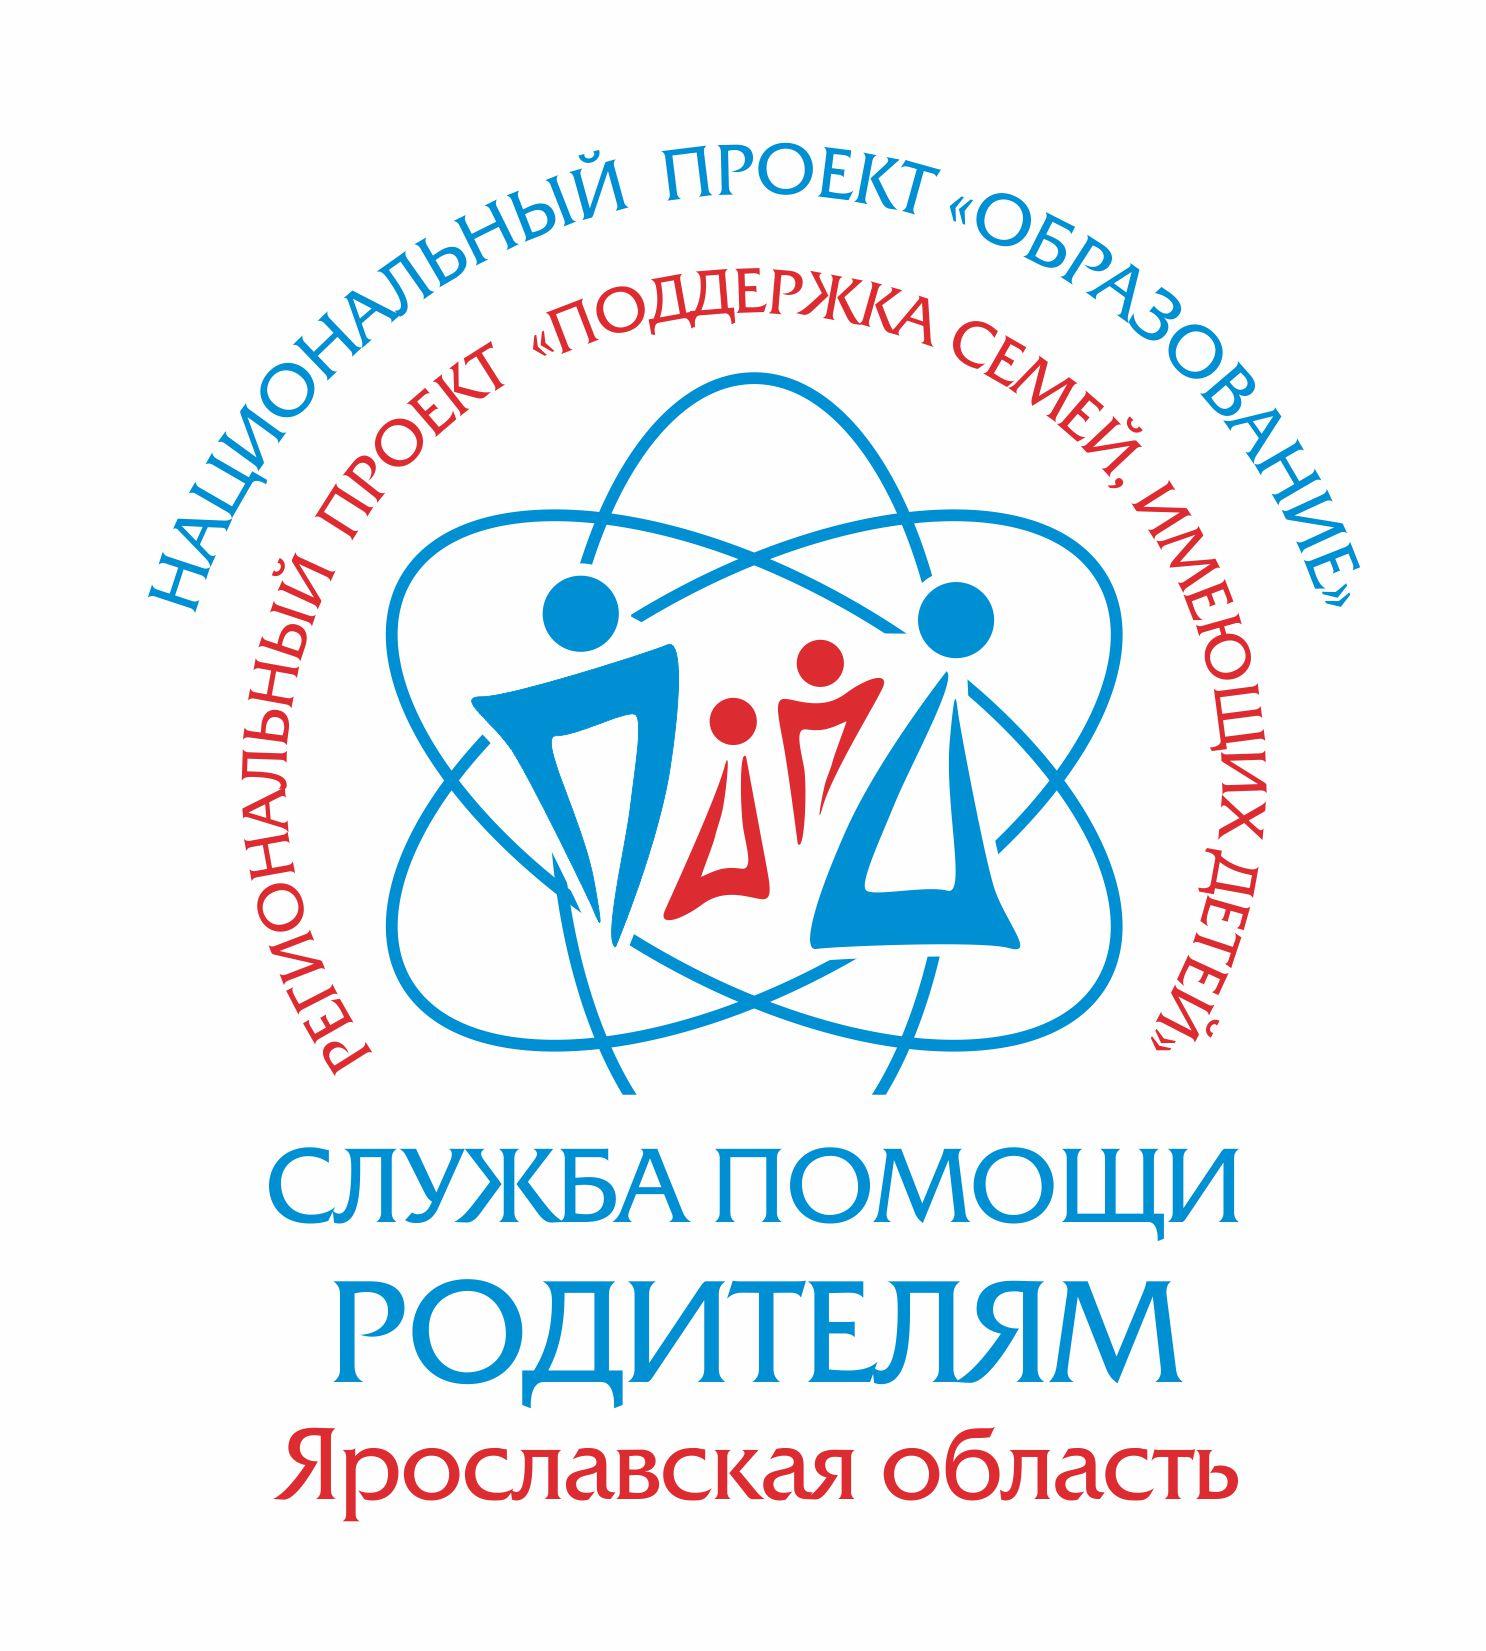 https://ds3-psh.edu.yar.ru/prilozhenie__logotip___229699v1__w180_h200.JPG